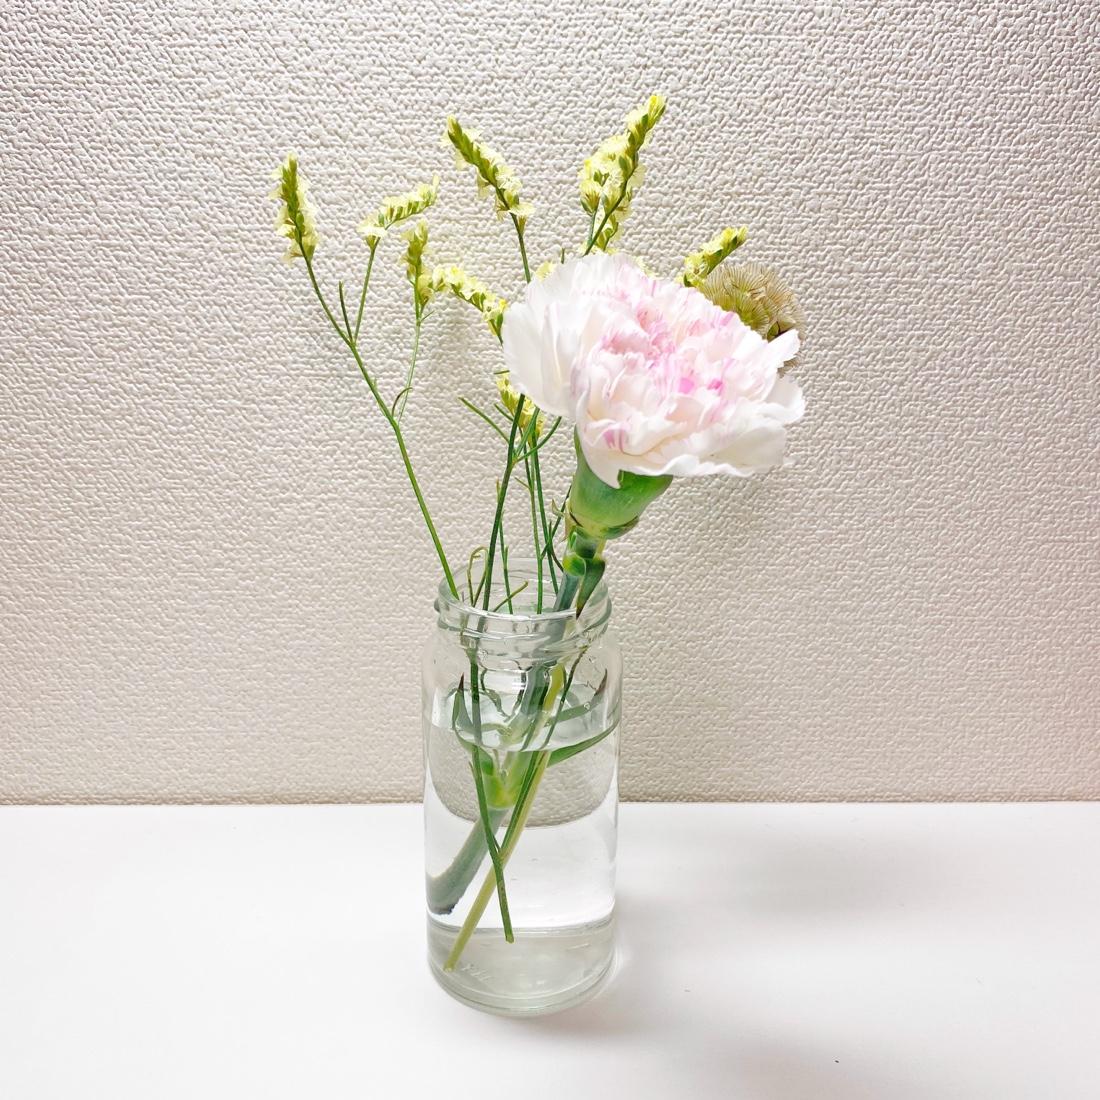 2日目のお花